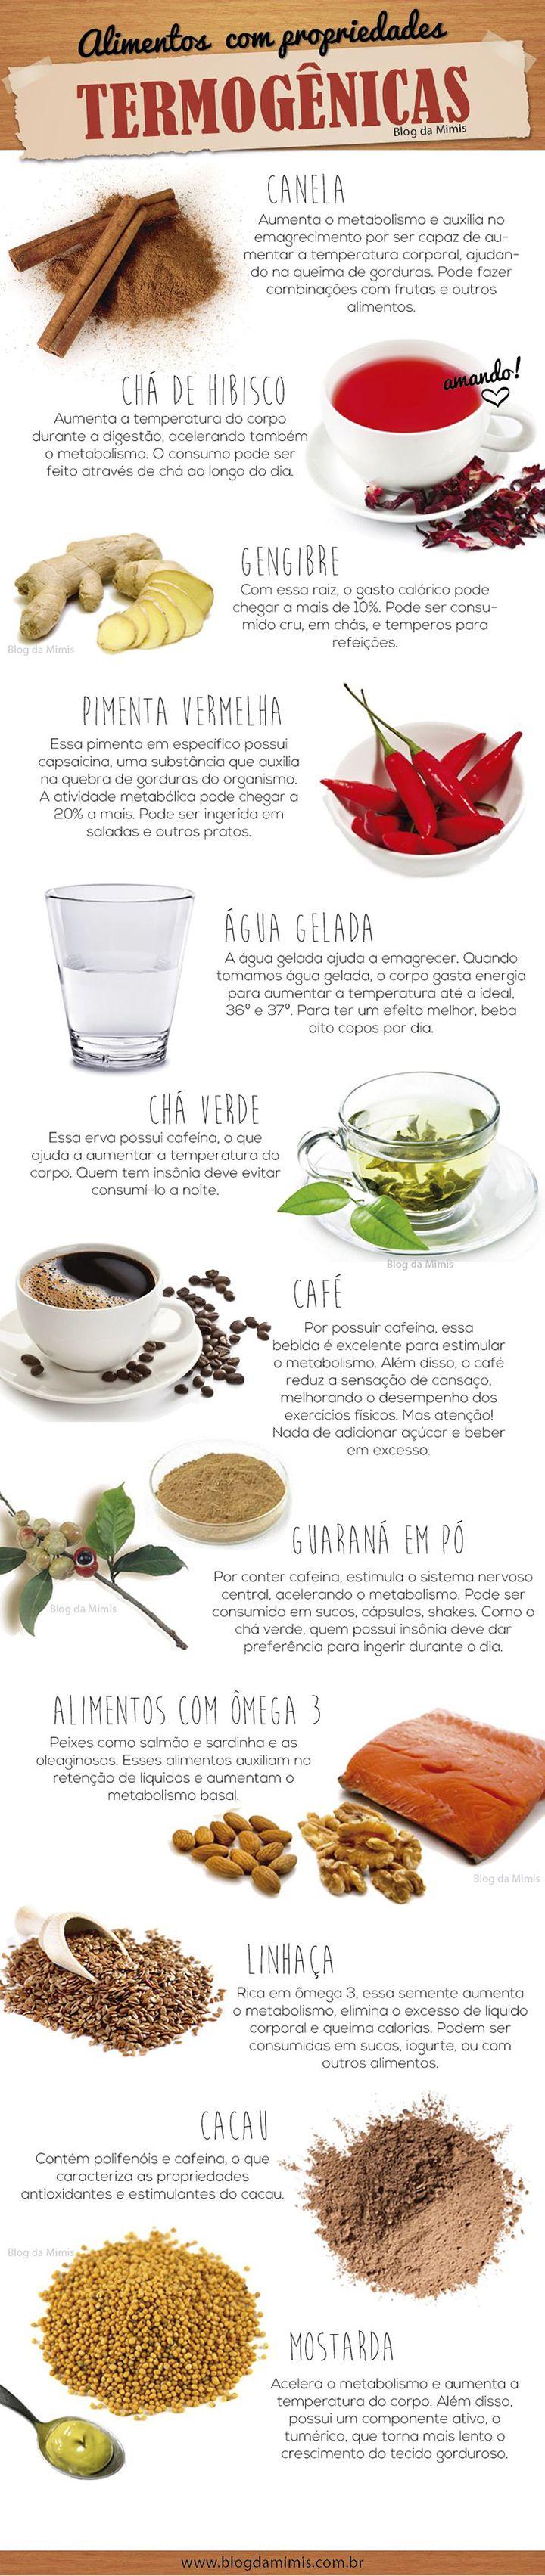 12 alimentos termogénicos para perder peso.#infografia #perderpeso